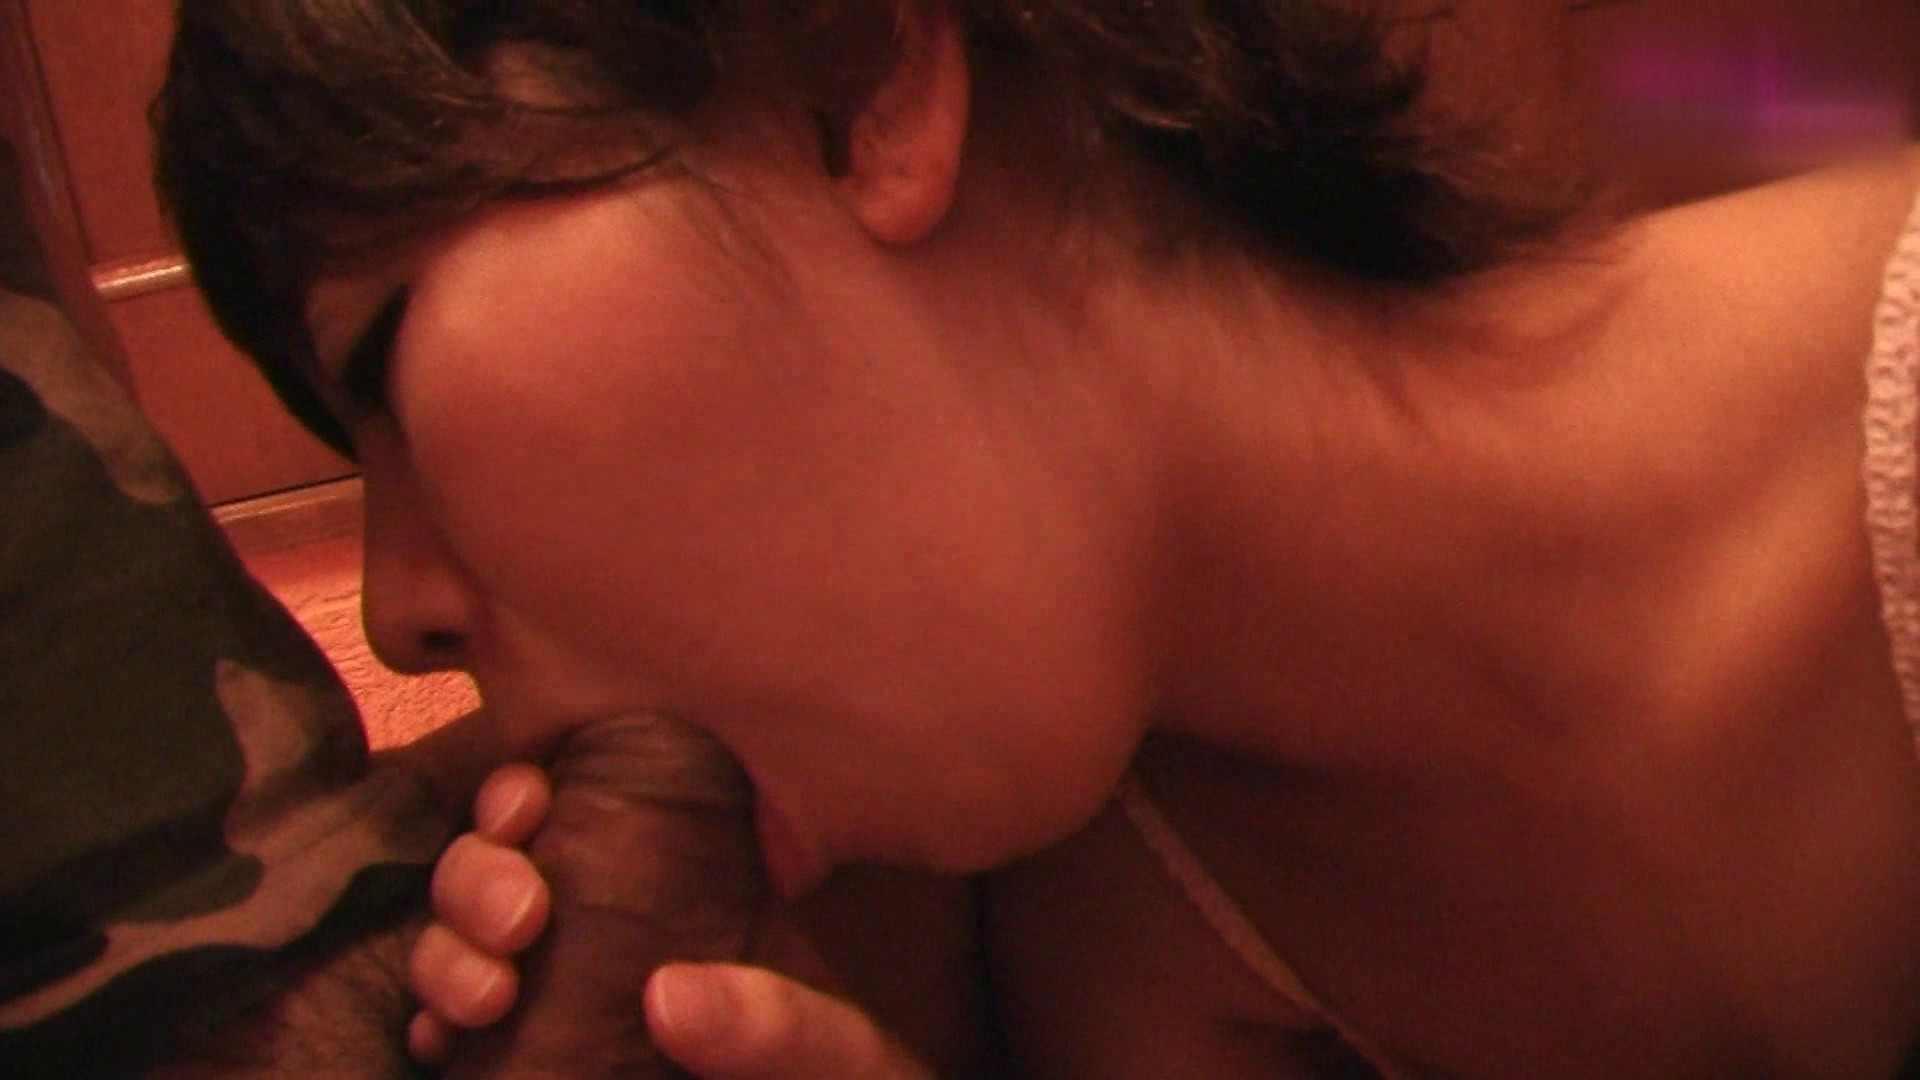 おしえてギャル子のH塾 Vol.26 前編 フェラチオ娘 ワレメ動画紹介 103連発 45